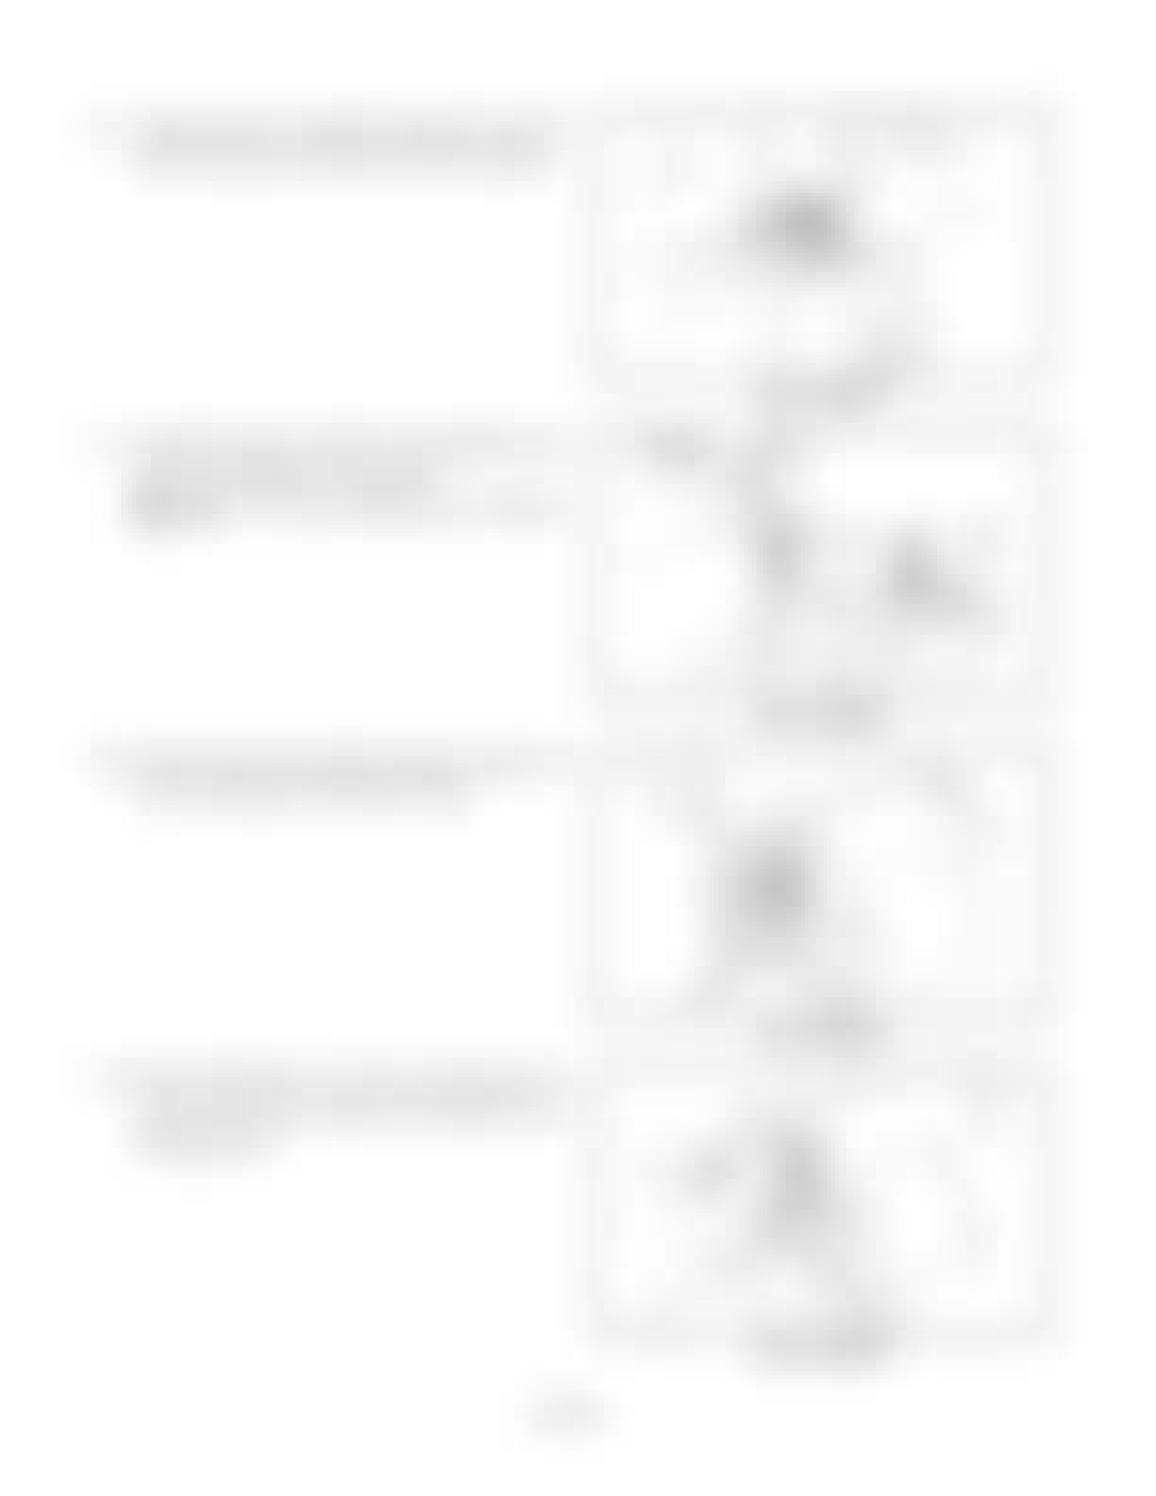 Hitachi LX110-7 LX130-7 LX160-7 LX190-7 LX230-7 Wheel Loader Workshop Manual - PDF DOWNLOAD page 142